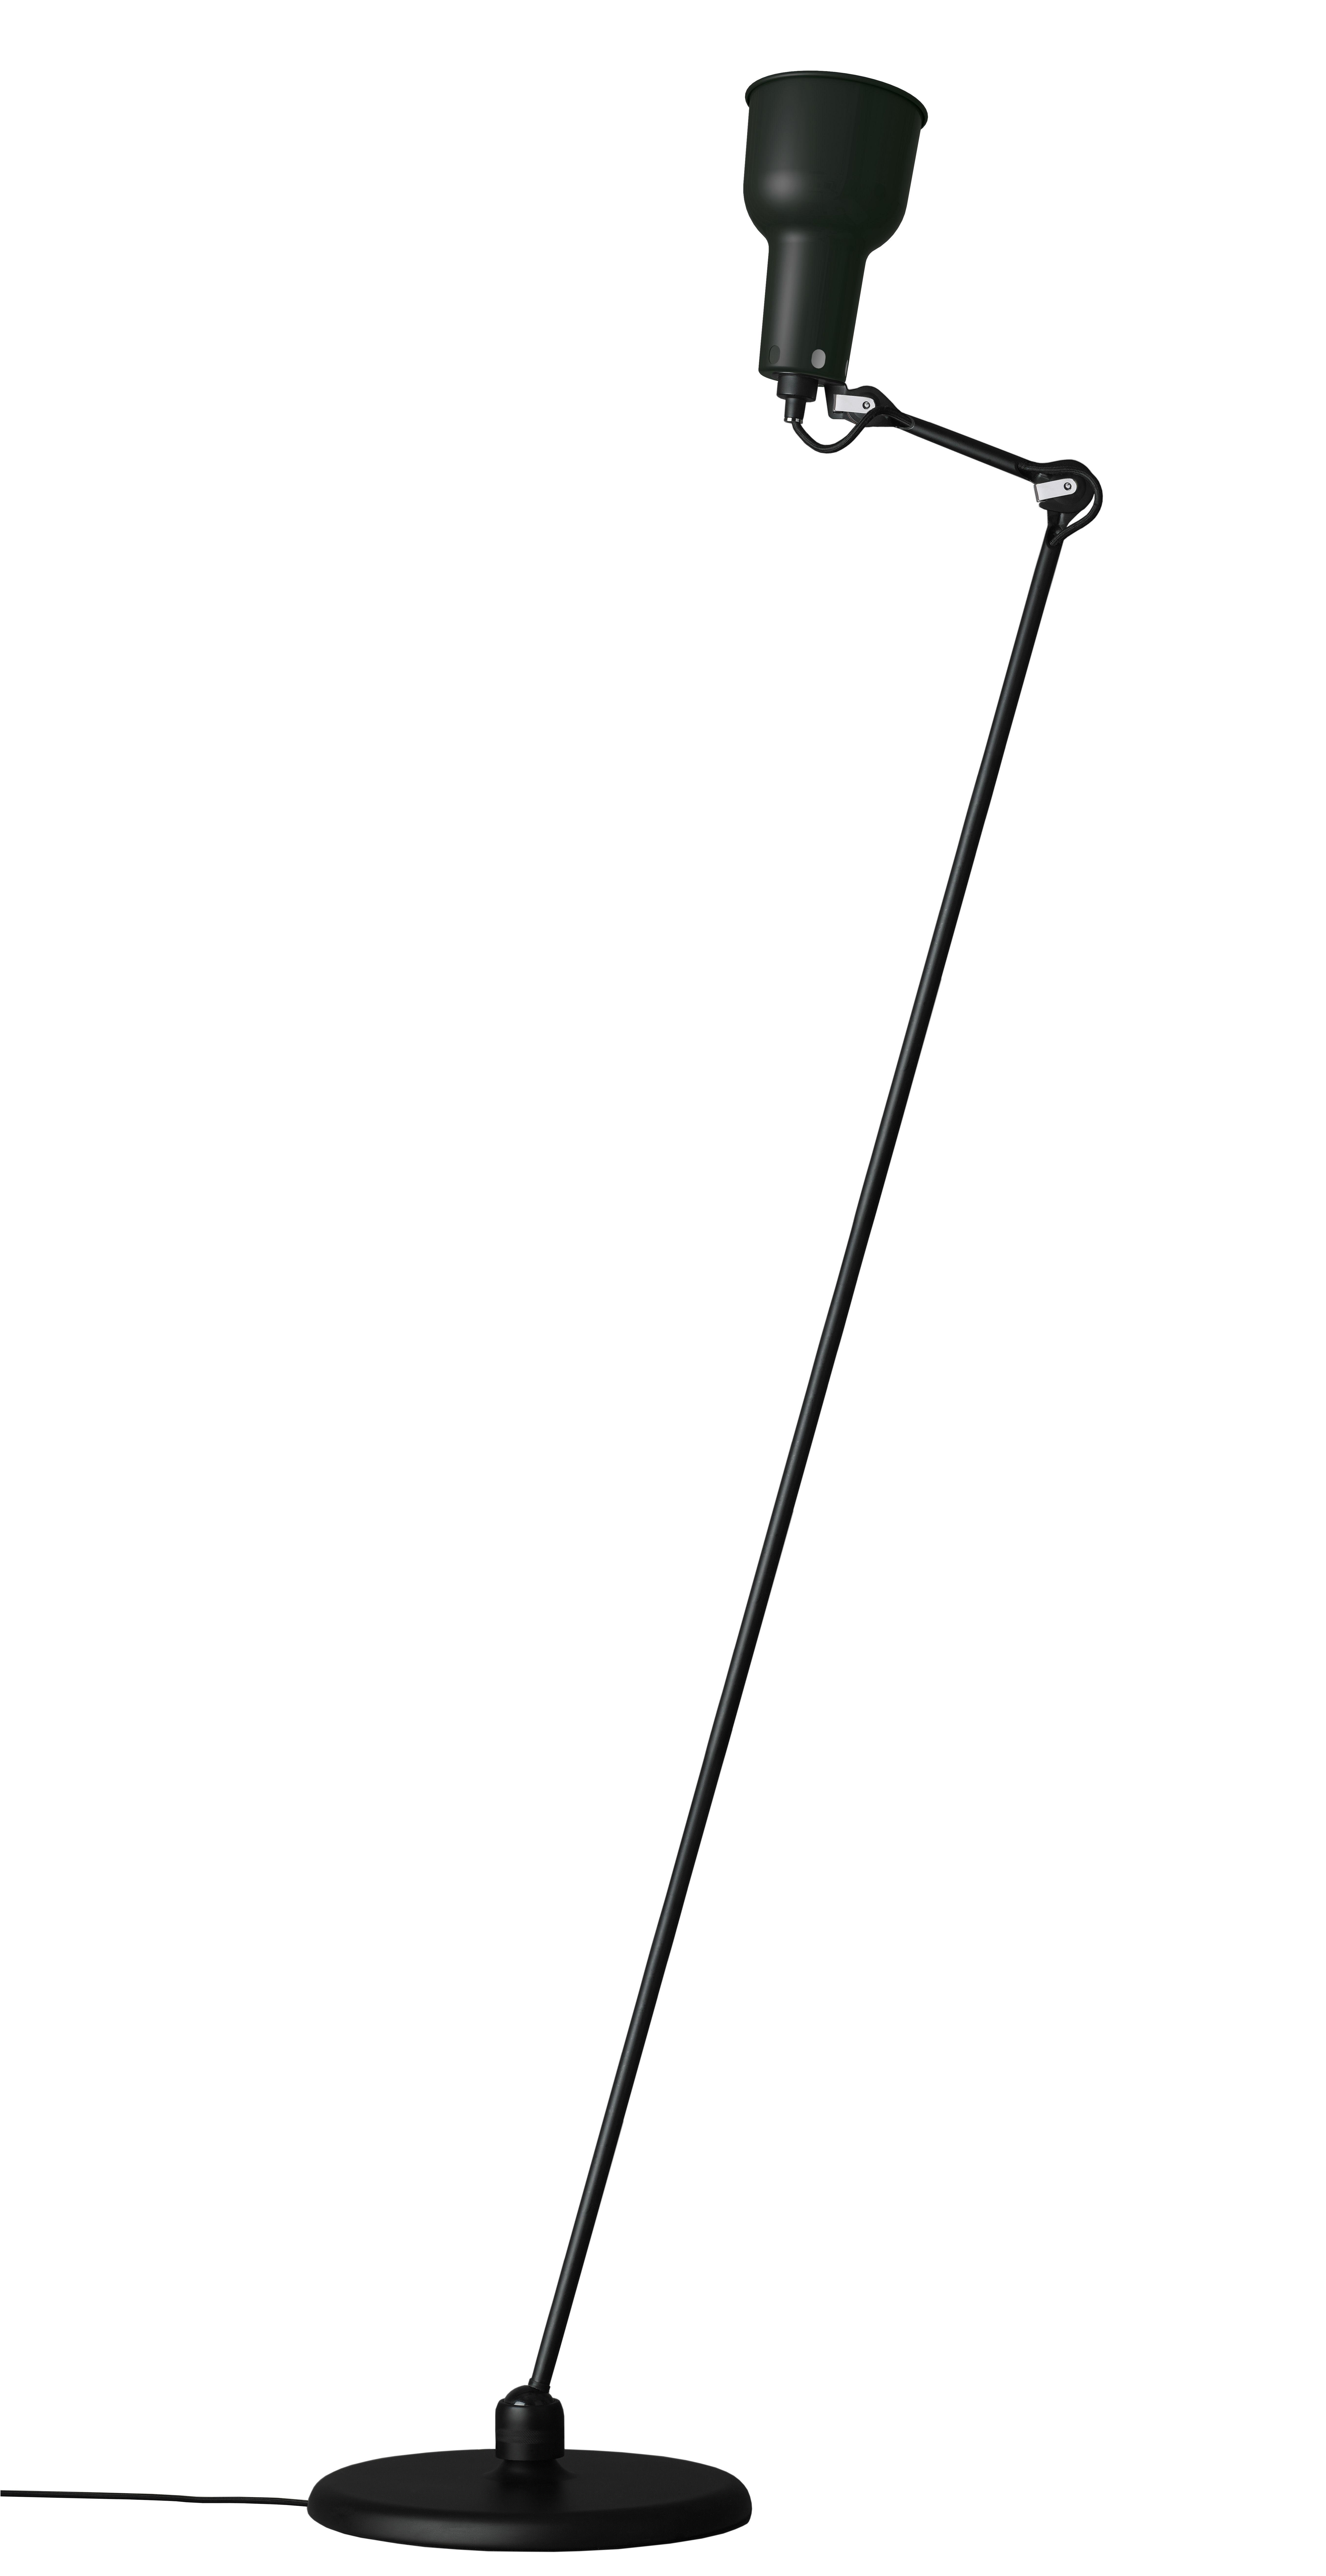 Luminaire - Lampadaires - Lampadaire N°230 / H 175 cm - Lampe Gras - DCW éditions - Noir mat - Acier